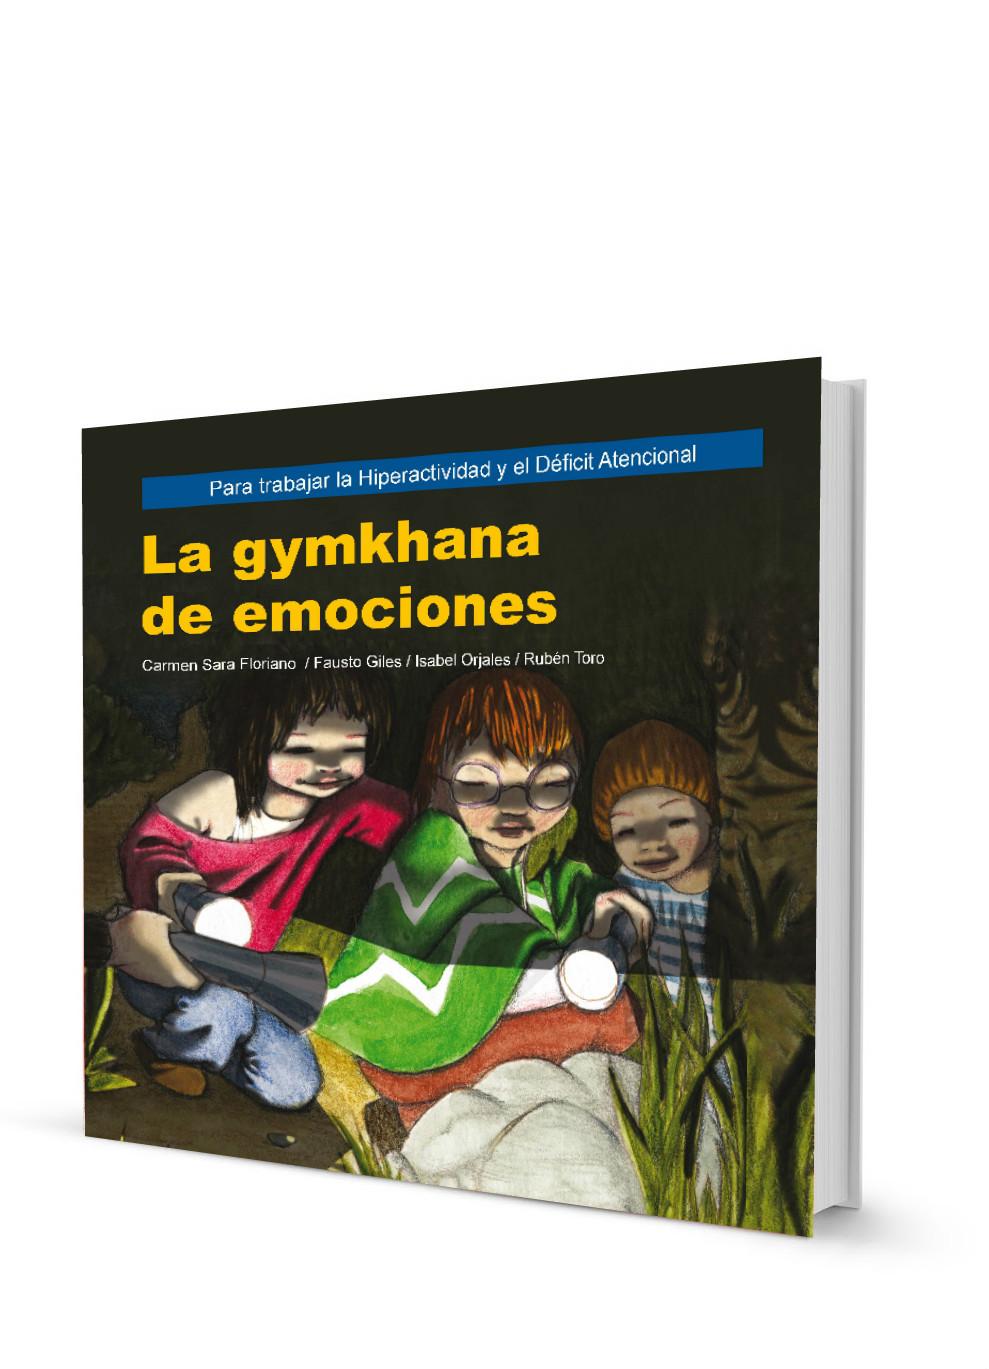 La gymkhana de emociones | Editorial CEPE